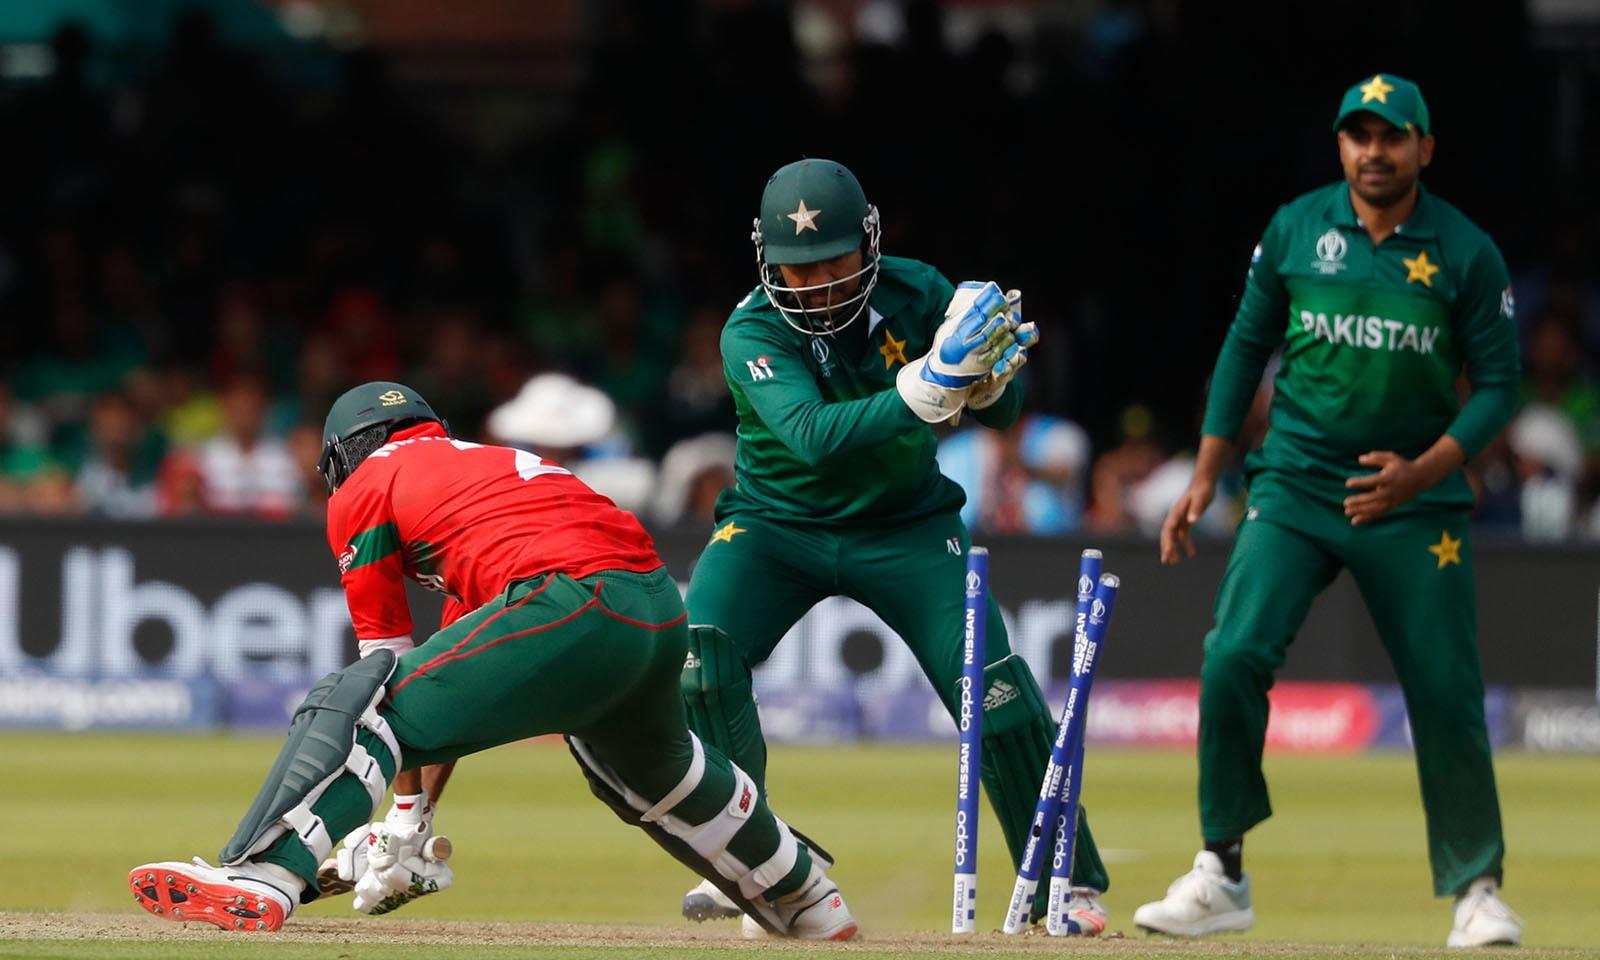 پاکستان نے بنگلہ دیش کو شکست دے کر ورلڈ کپ کا فاتحانہ انداز میں اختتام کیا— فوٹو: اے ایف پی